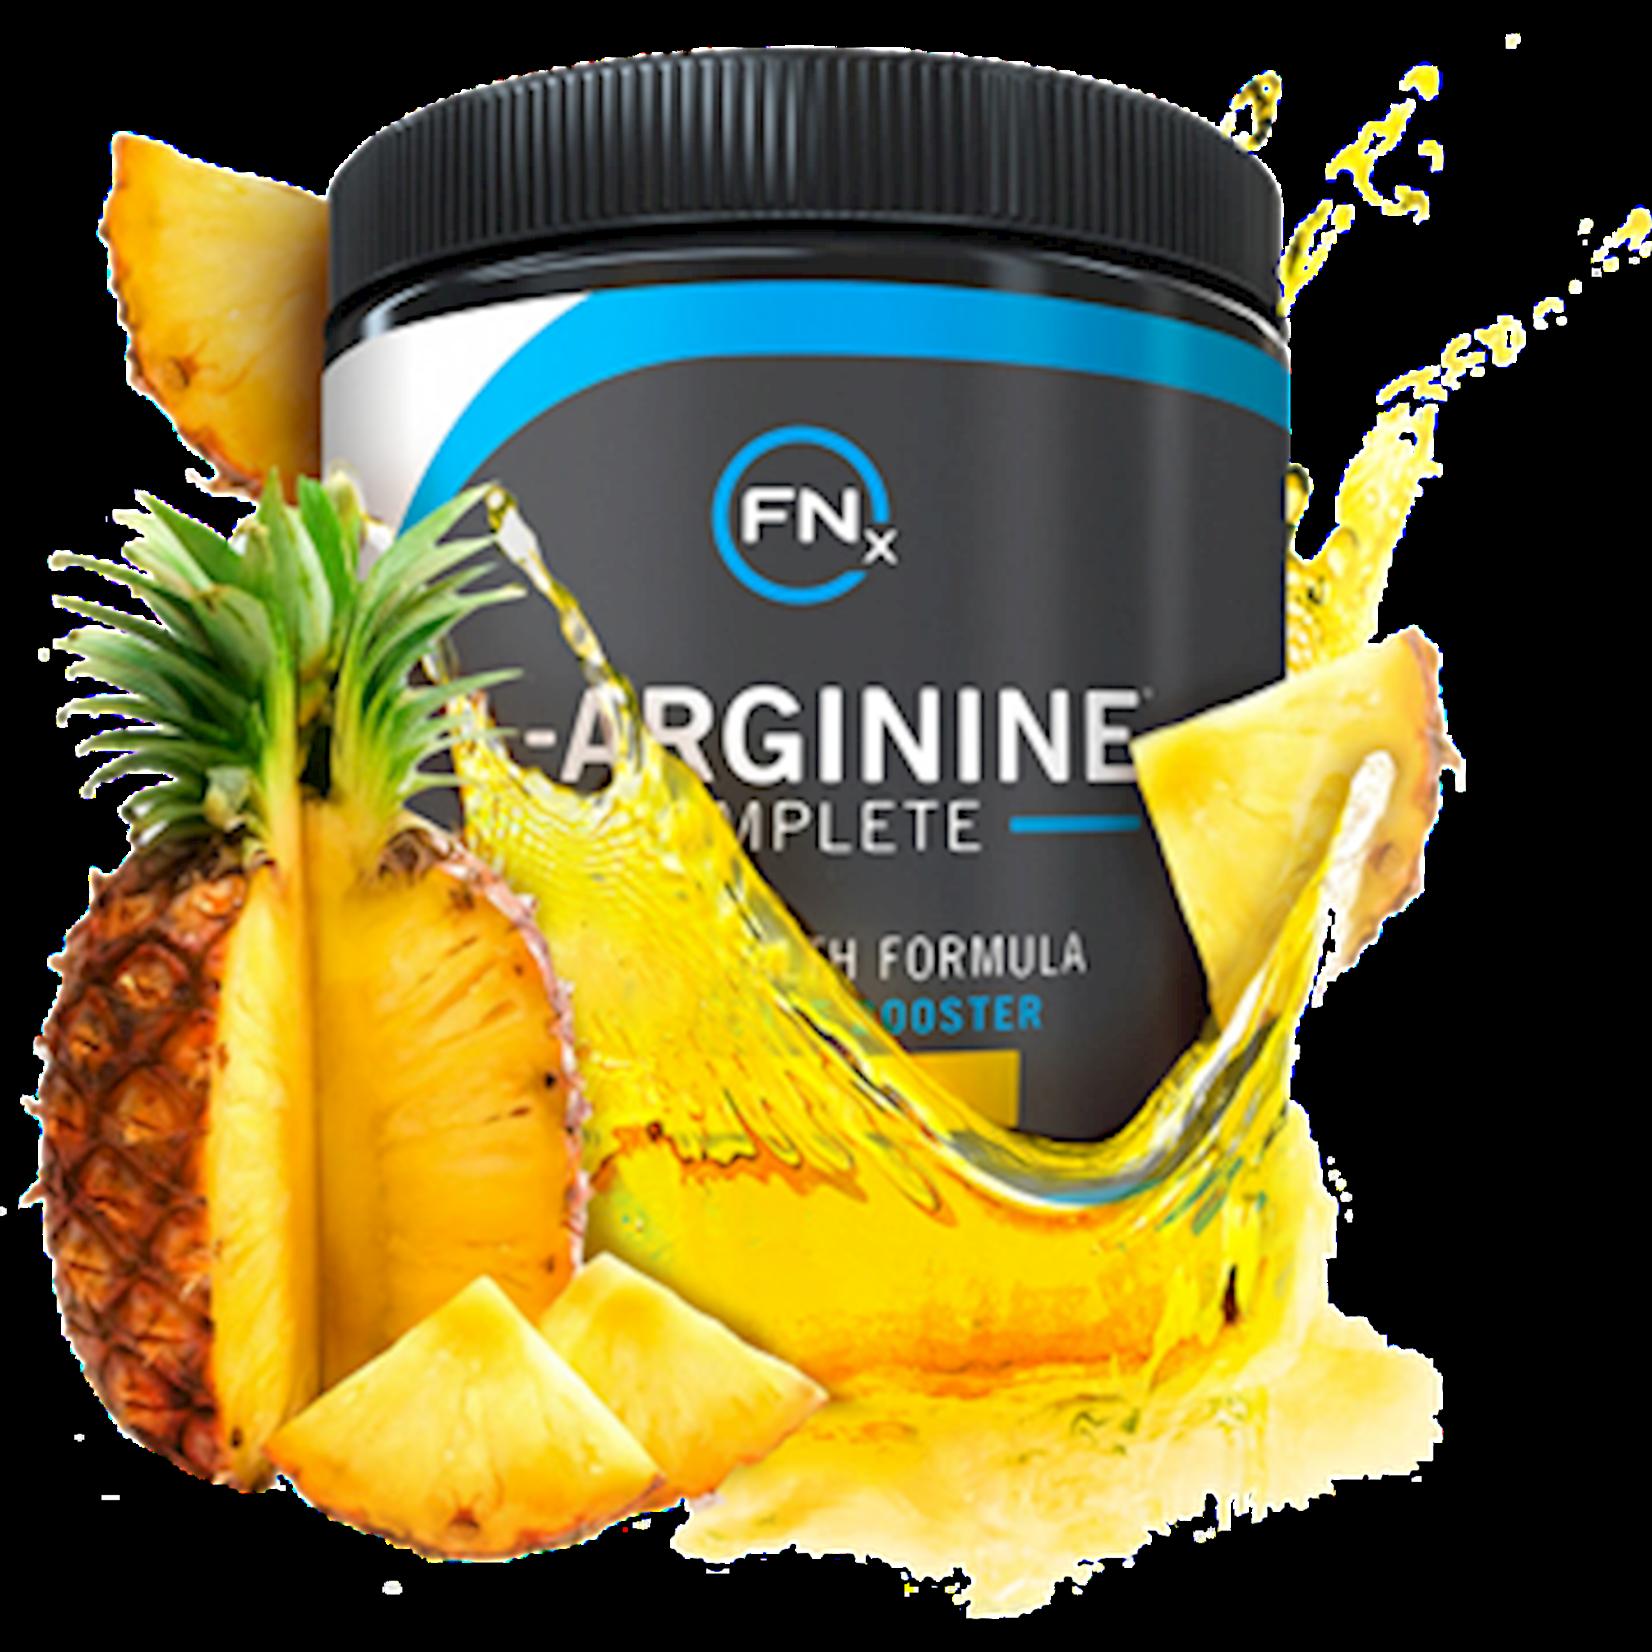 L-Arginine Complete